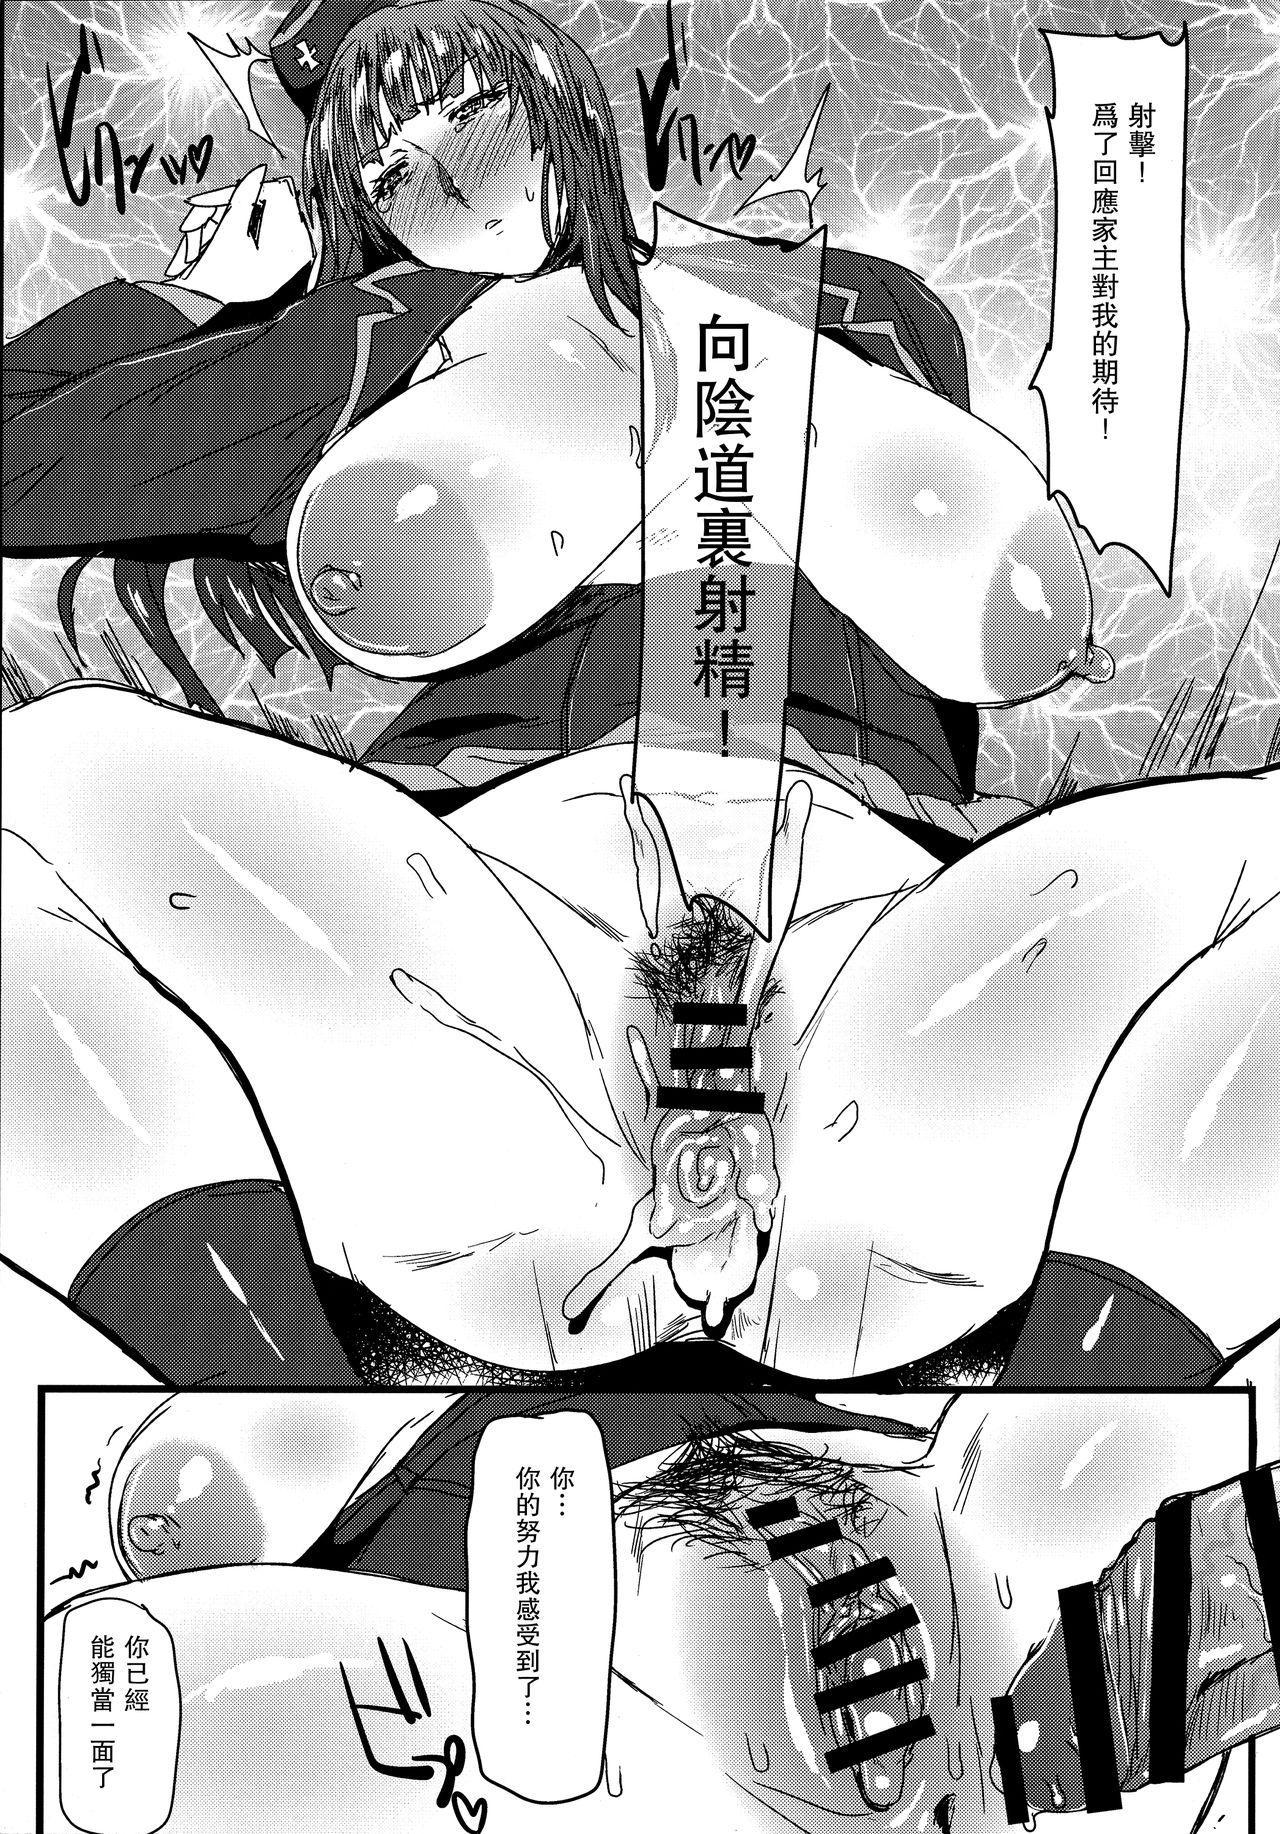 Nishizumi-ryuu Kodanejiru Senbetsu Tanetsukedou 13